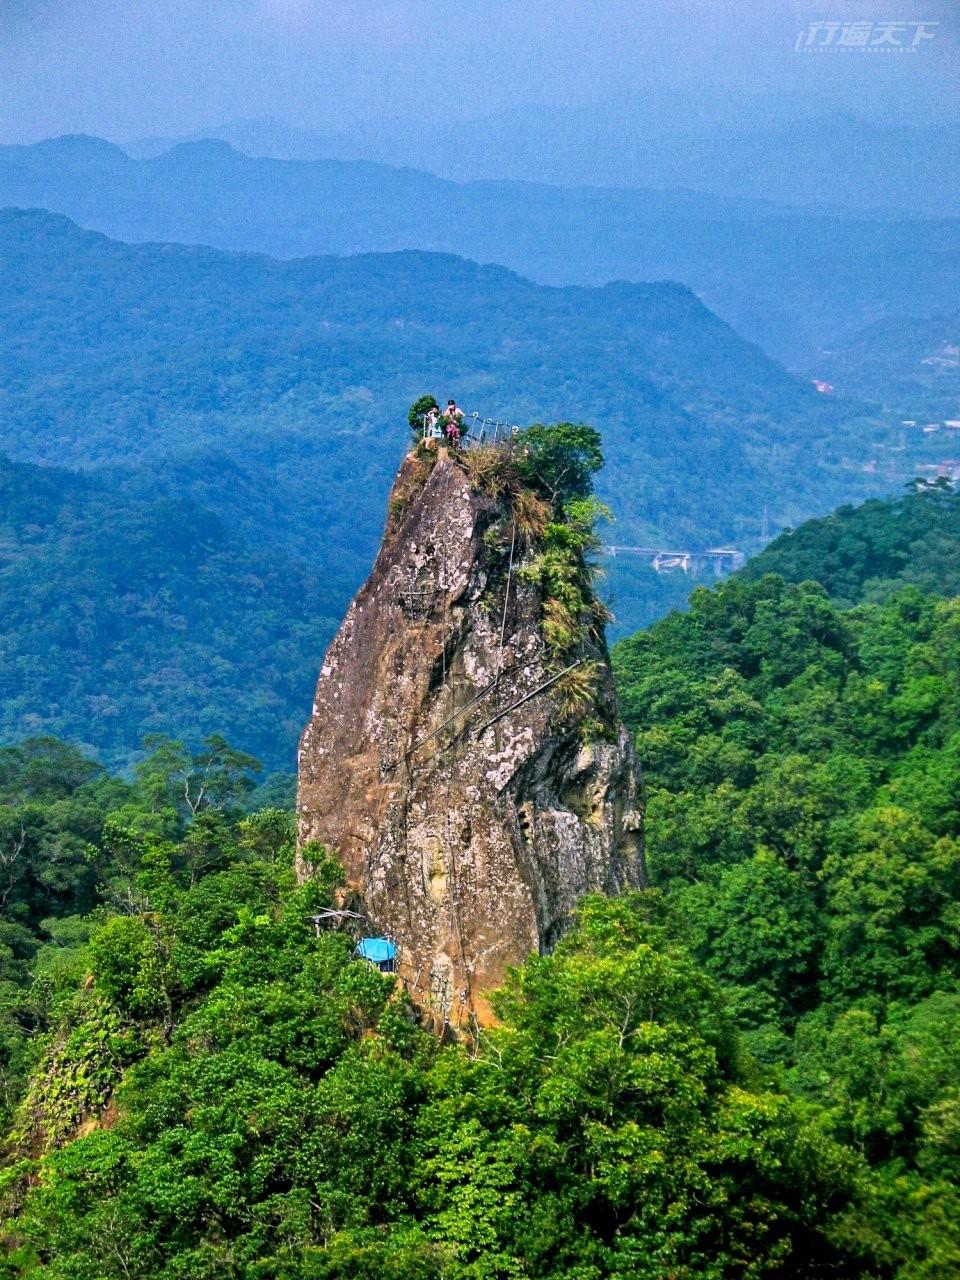 ▲由慈母峰遠眺孝子山,宛如一根巨大的石筍般。